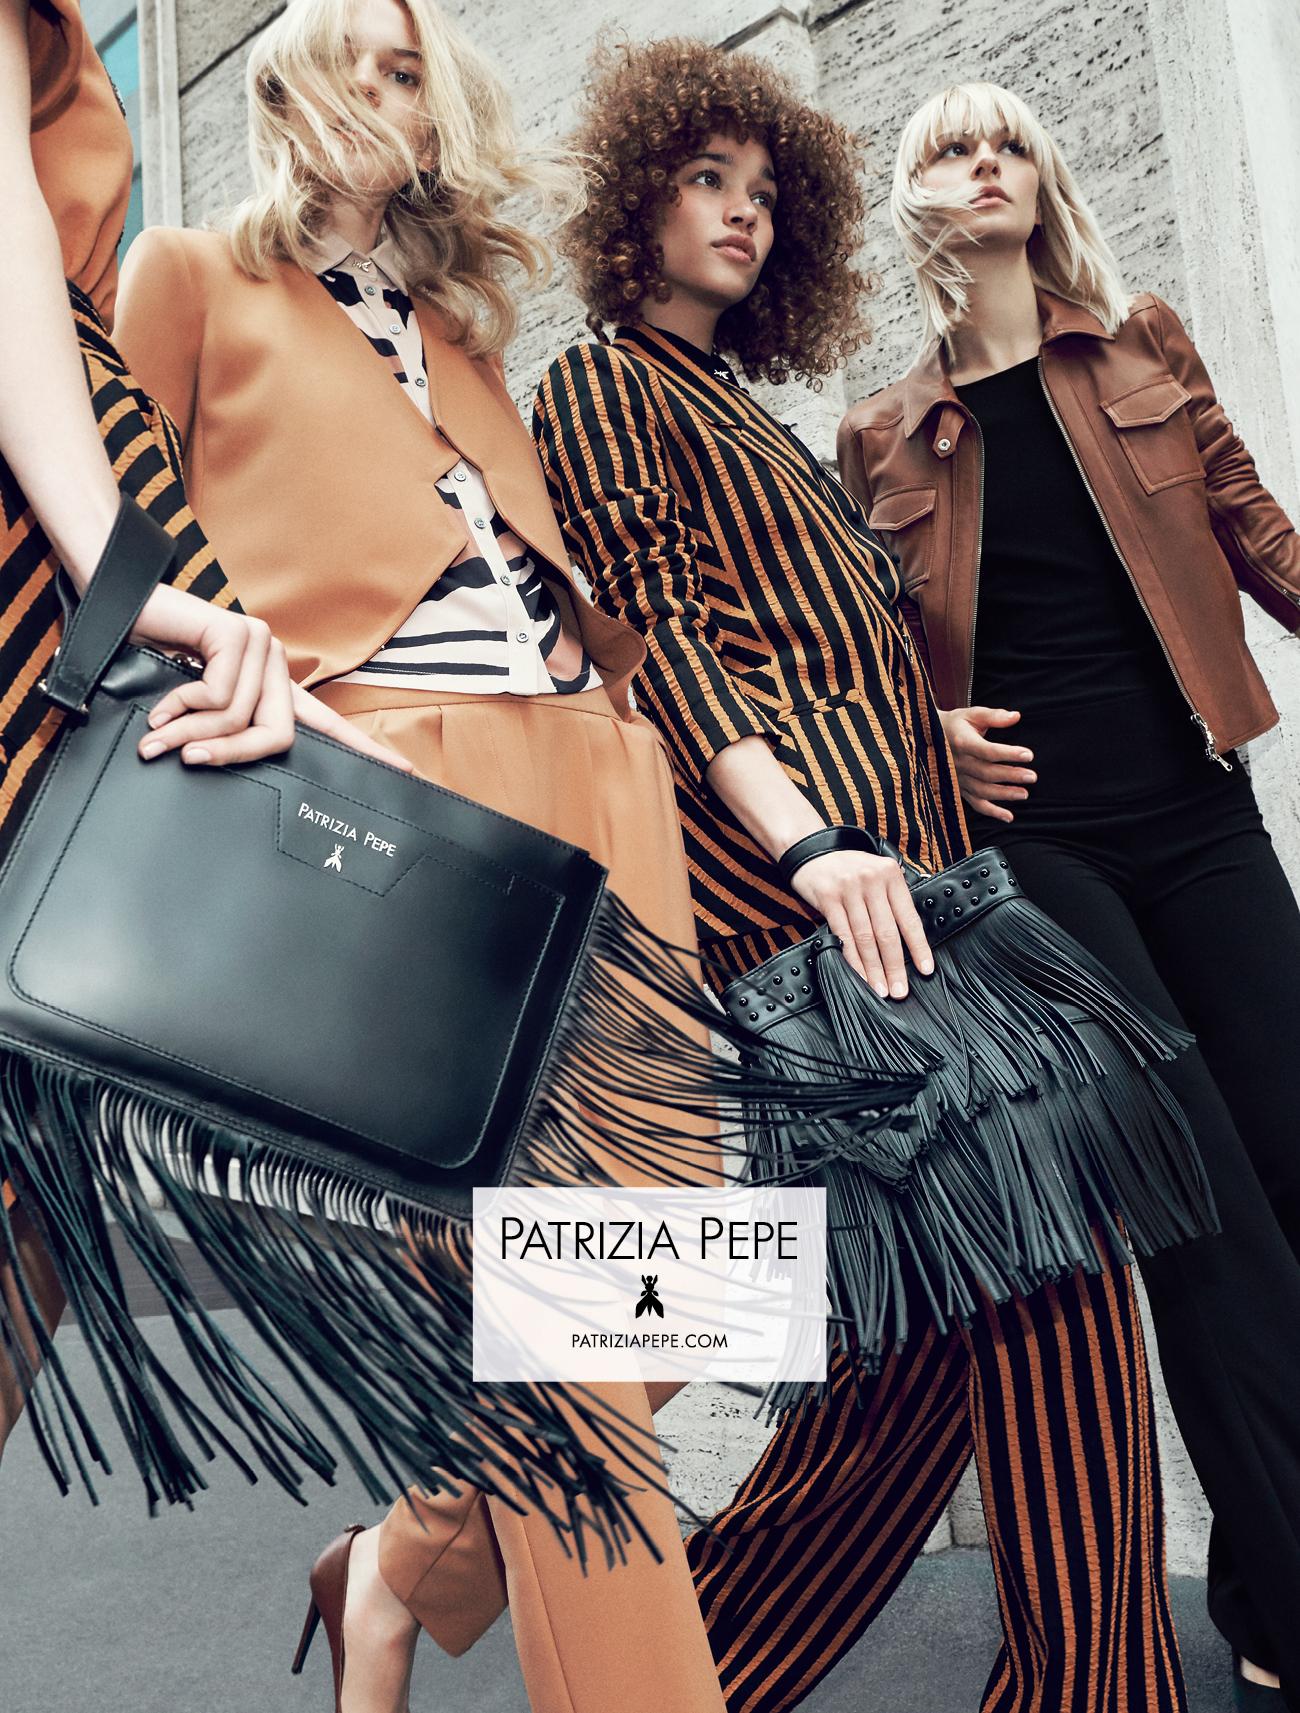 Patrizia Pepe FW 2015/2016 ADV | Mattia Balsamini | Patrizia Pepe | Icon | Andrea Tenerani | Numerique Retouch Photo Retouching Studio